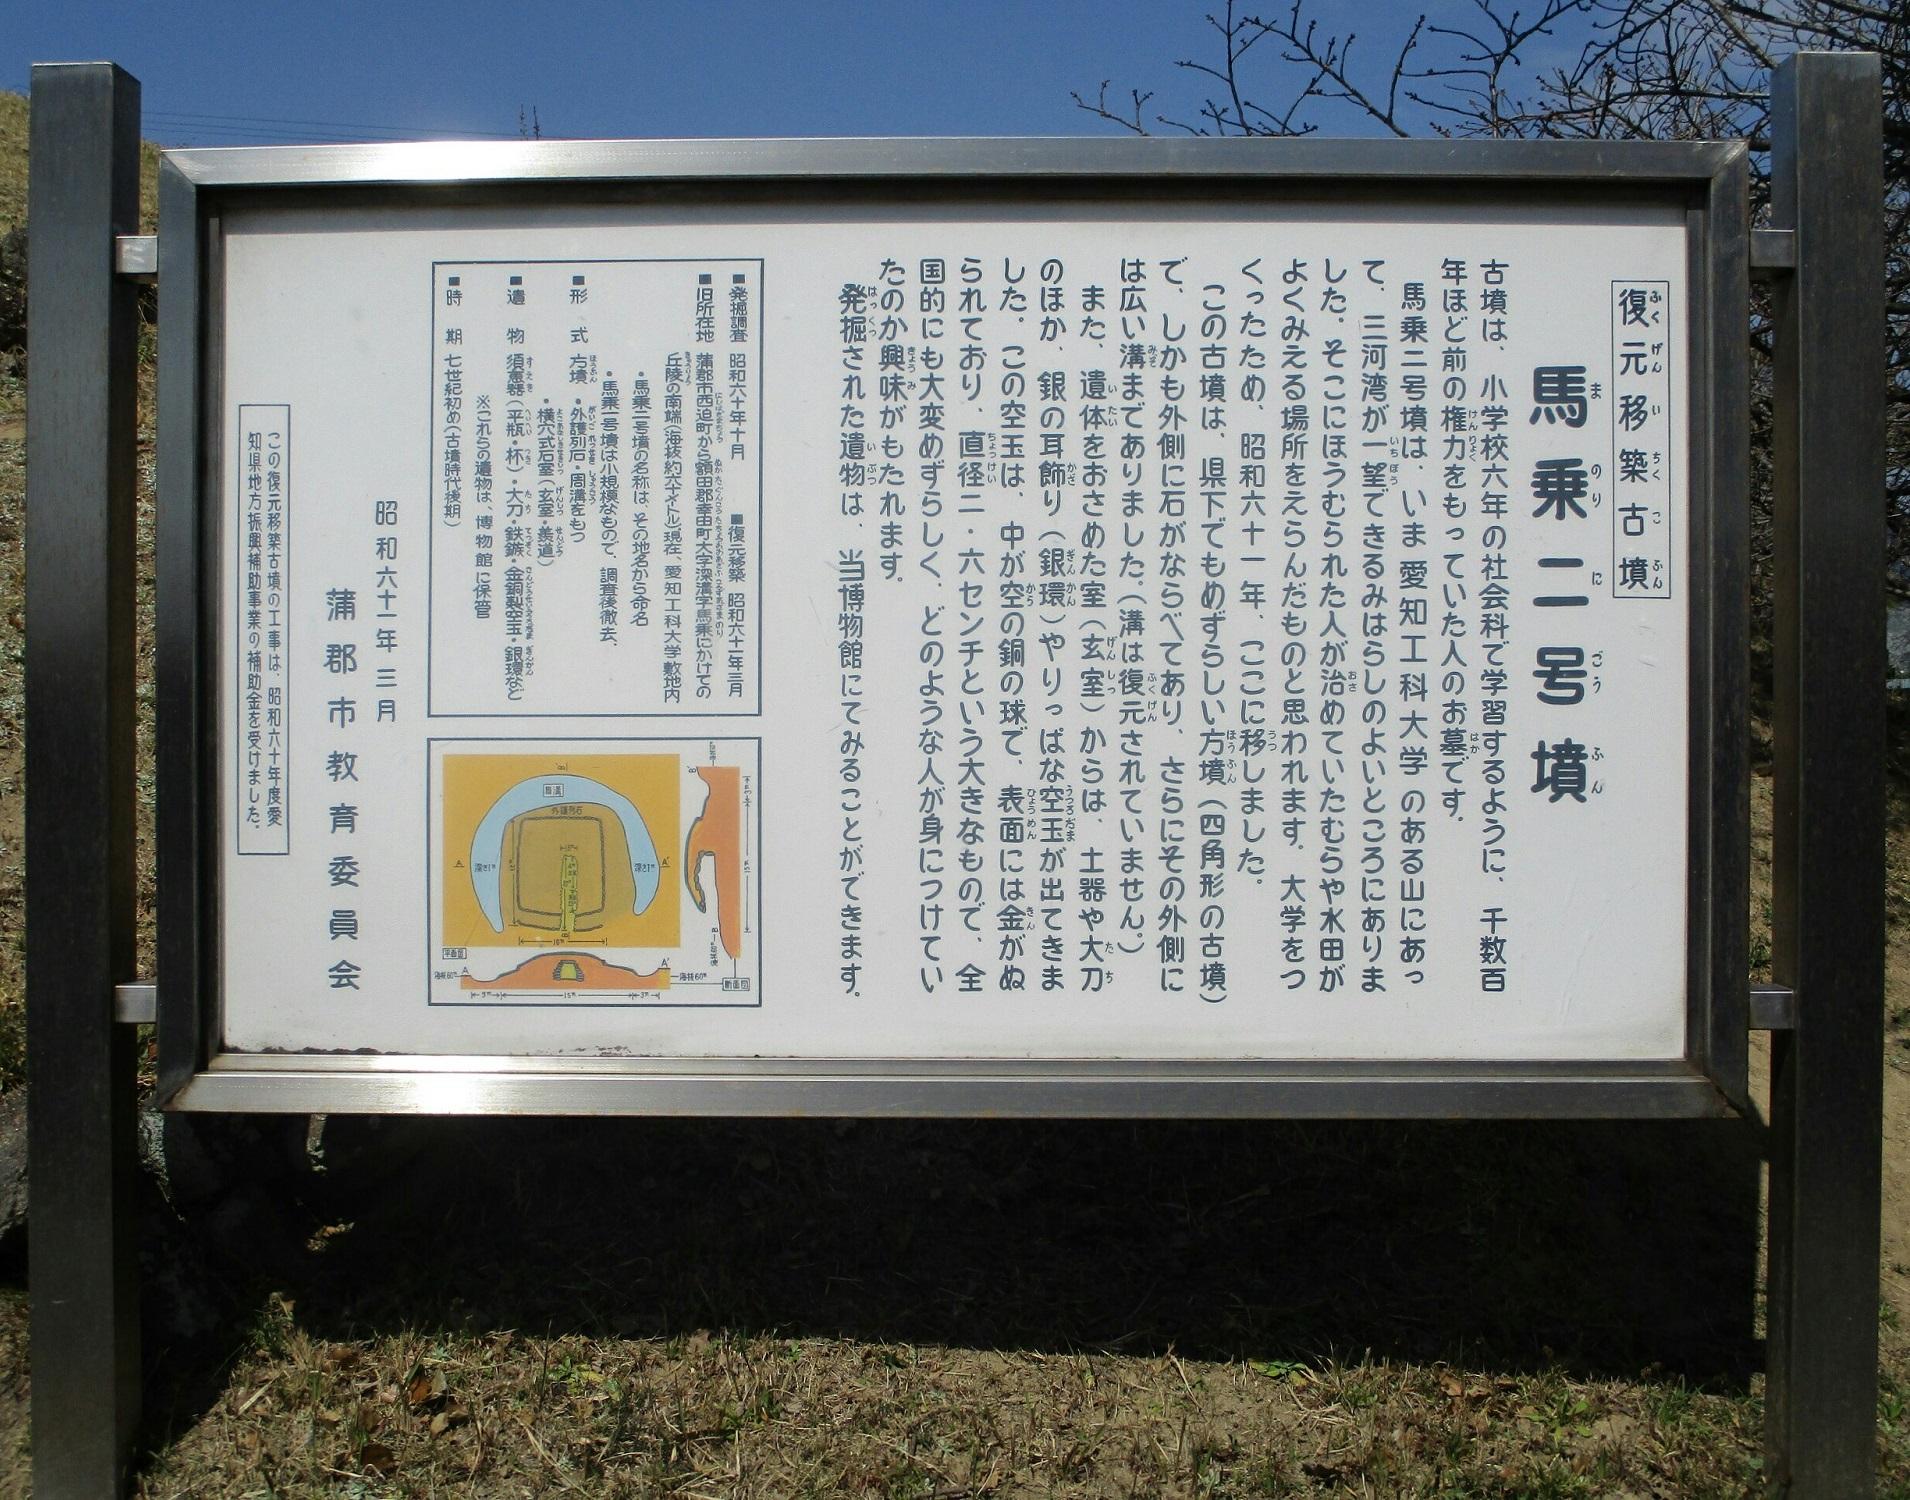 2019.3.26 (52) 蒲郡 - 馬乗2号墳の説明がき 1910-1500